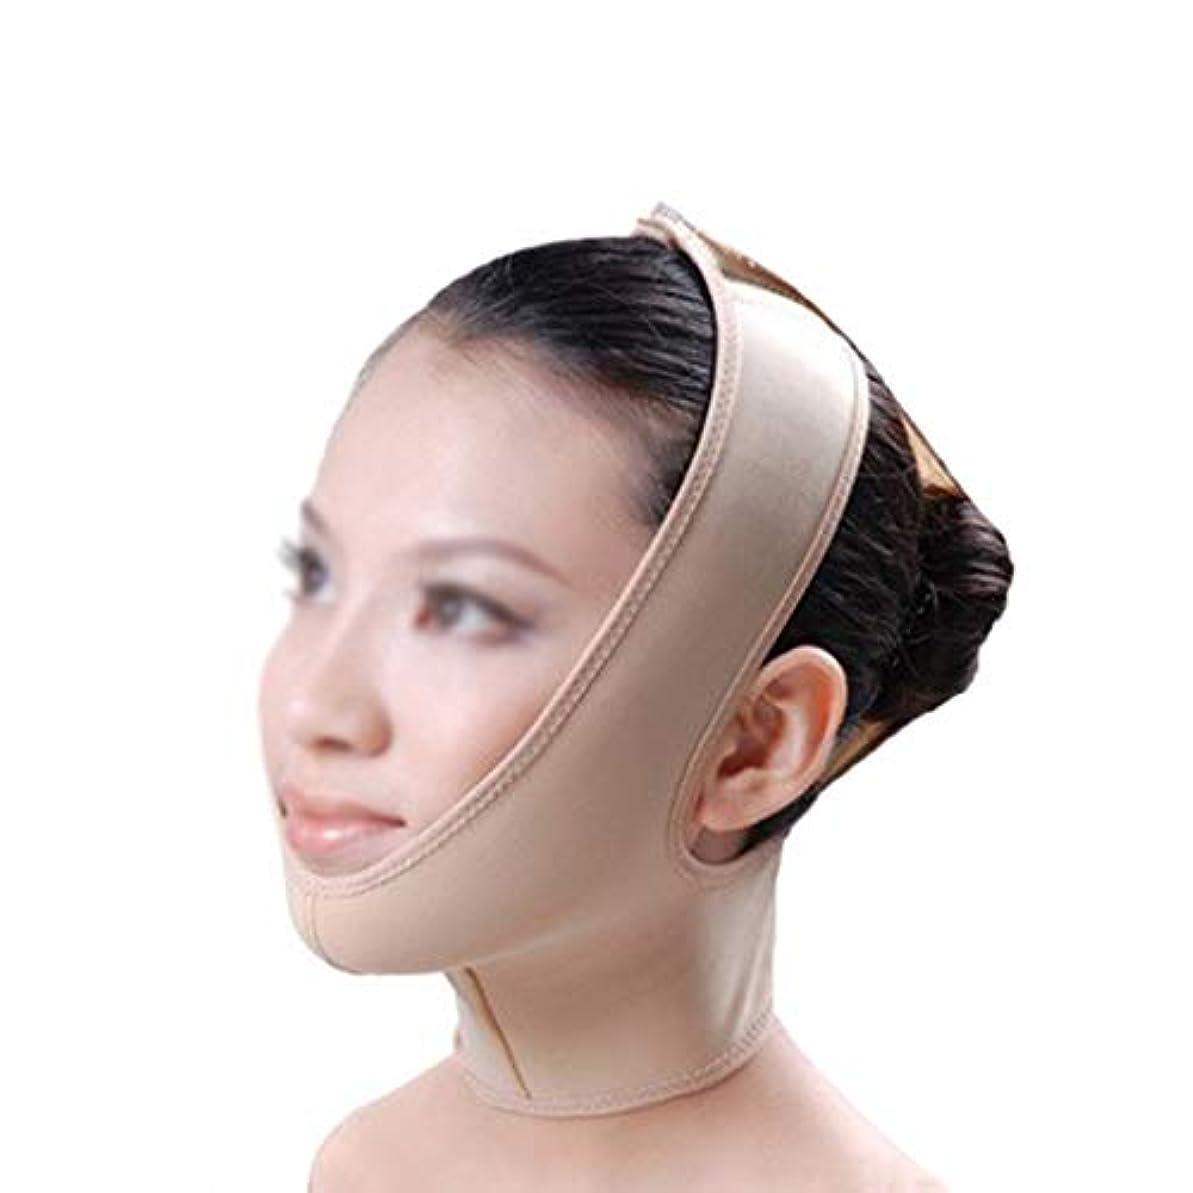 ポークサーマルおしゃれじゃないダブルチンストラップ、包帯リフト、引き締めフェイシャルリフト、フェイシャル減量マスク、リフティングスキン包帯,男性と女性の両方が使用できます (Size : M)